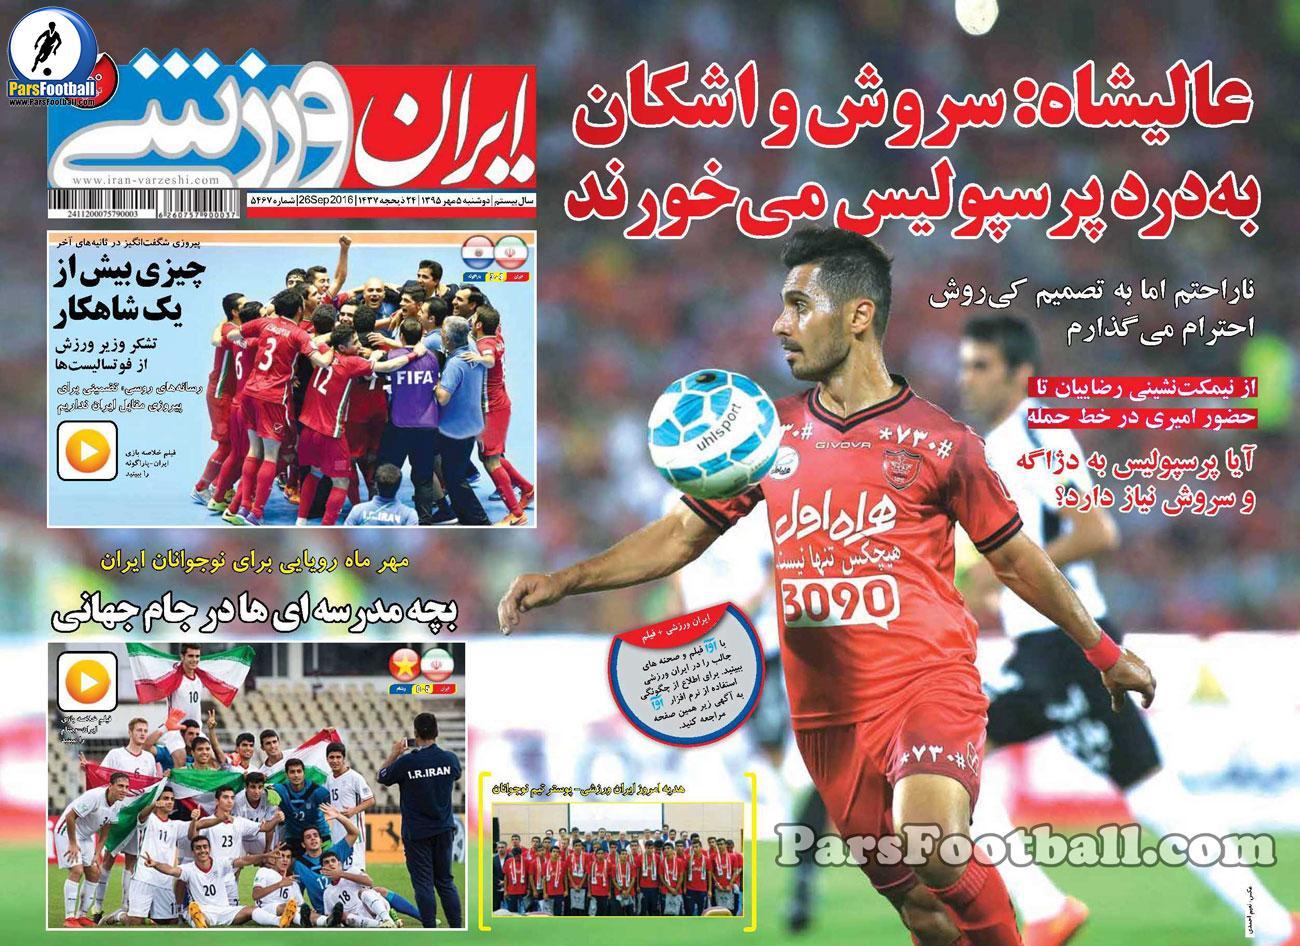 روزنامه ایران ورزشی دوشنبه 5 مهر 95